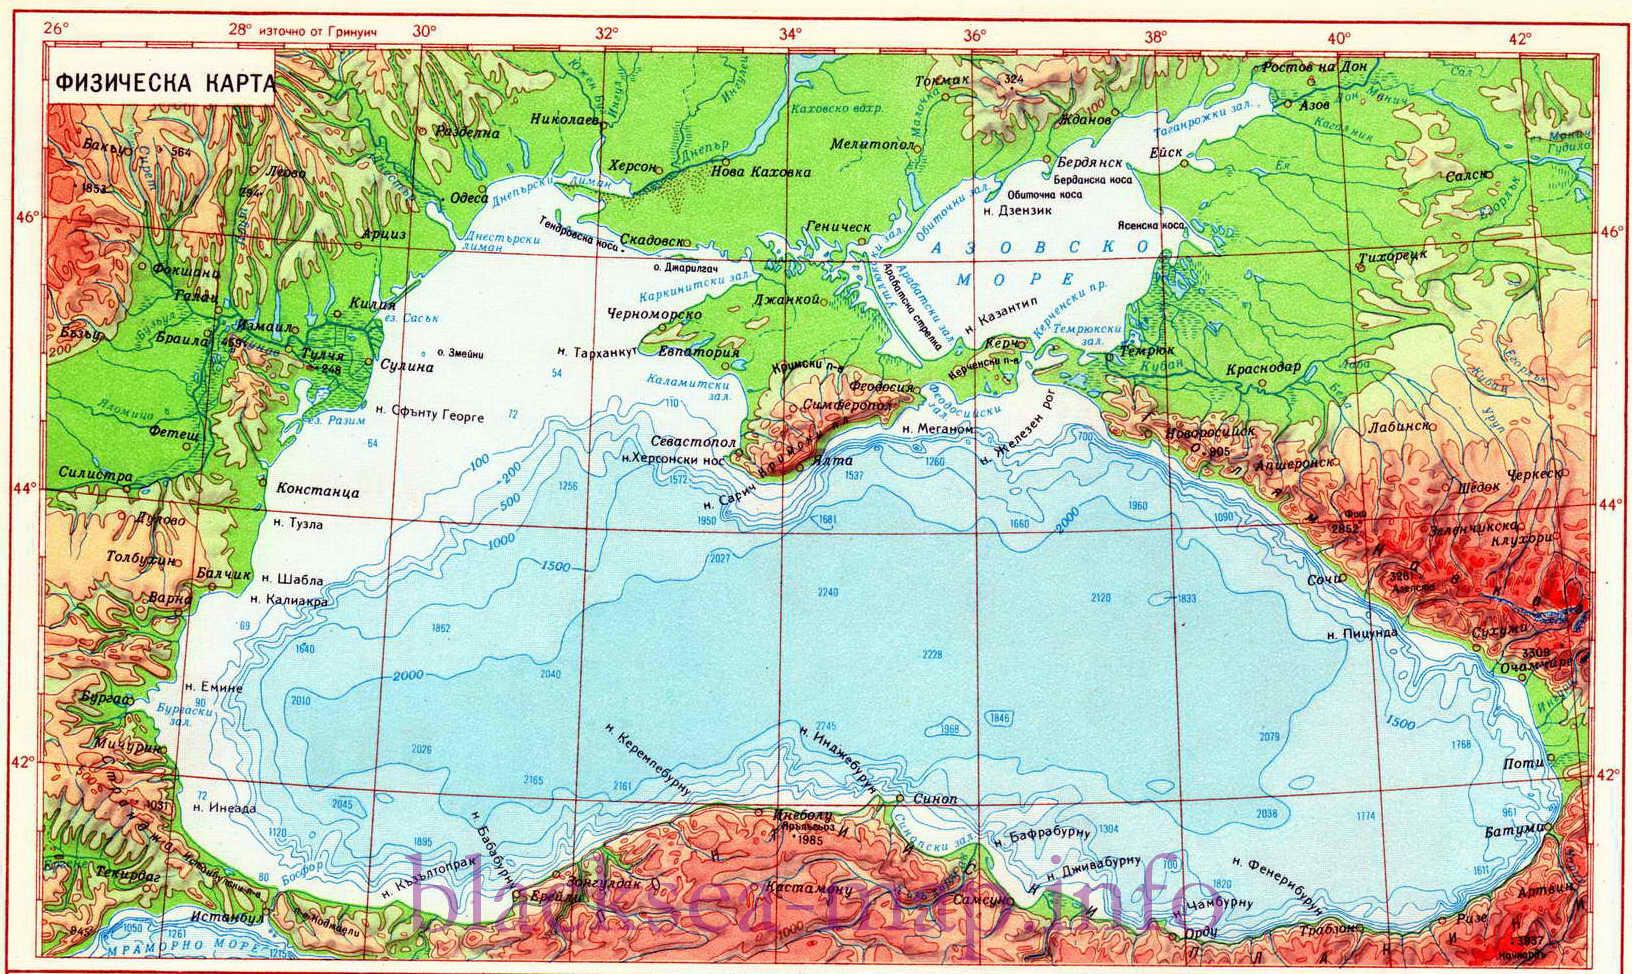 Побережье черного моря карта > форум по картам, Закачать ...: http://magazinxl.ru/?do=poberezhe-chernogo-morya-karta